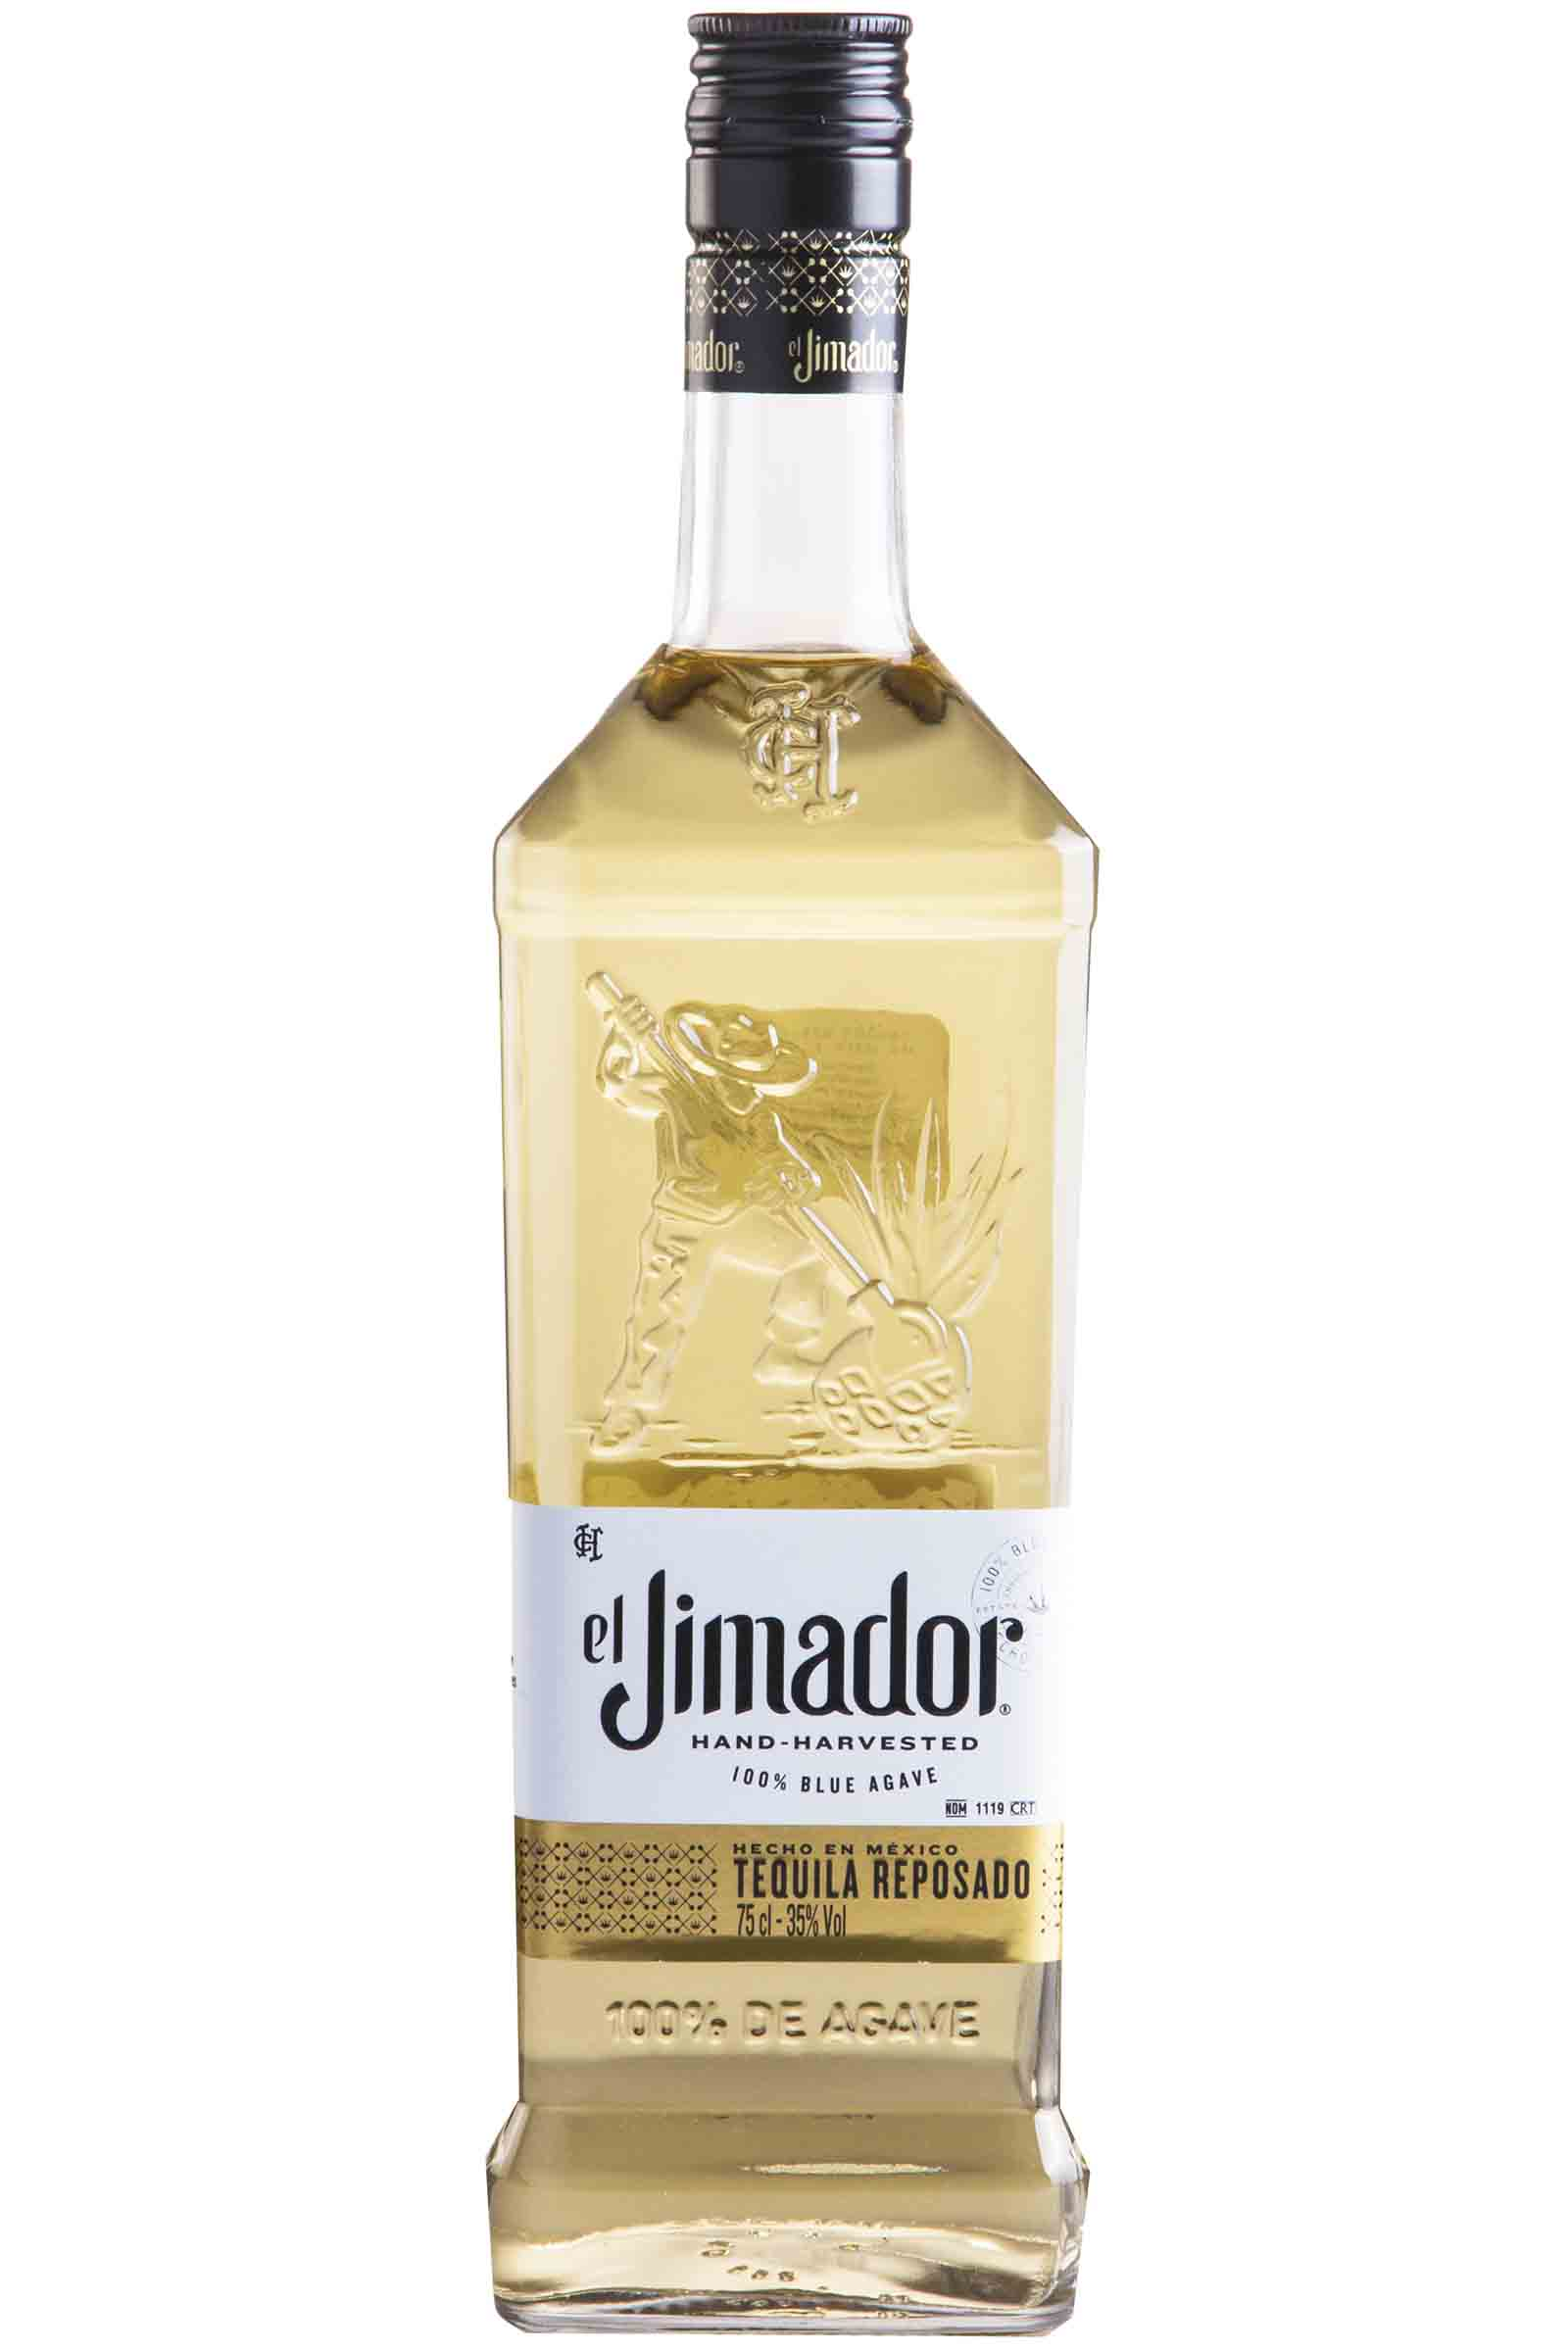 Tequila El Jimador Reposado 100% Agave 750ml